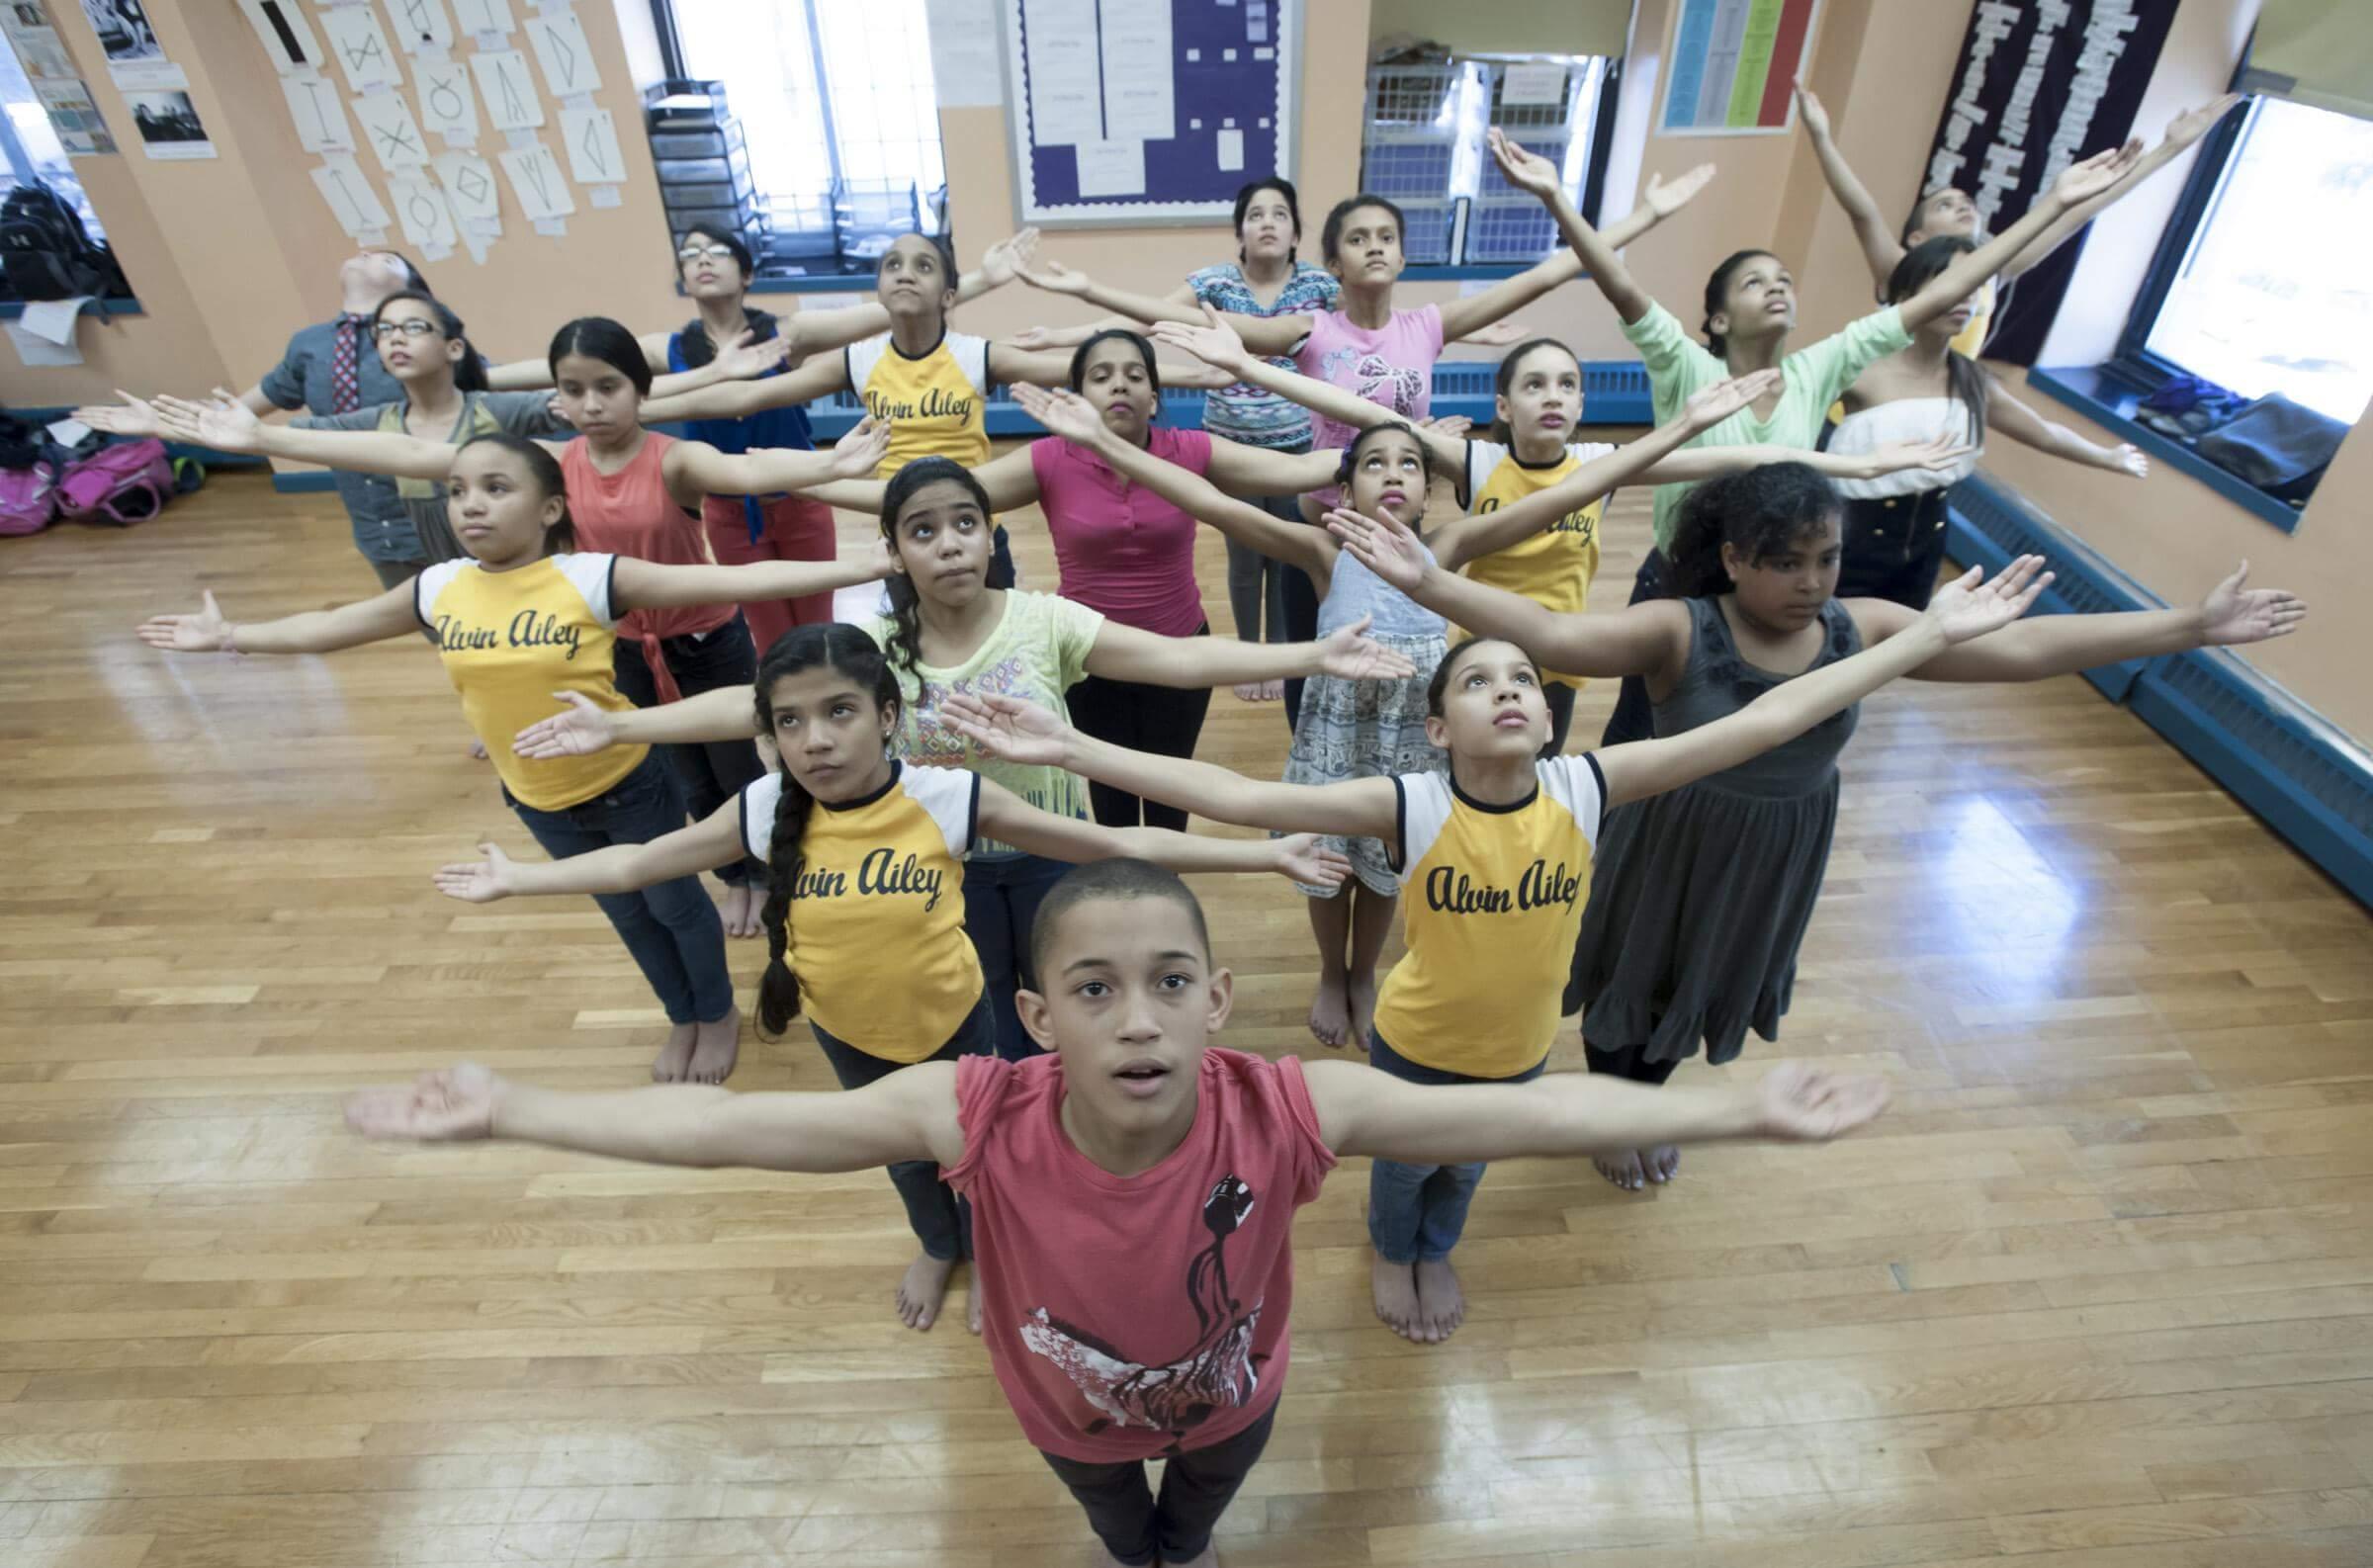 AileyDance Kids at IS 528 in Manhattan, photo by Joe Epstein